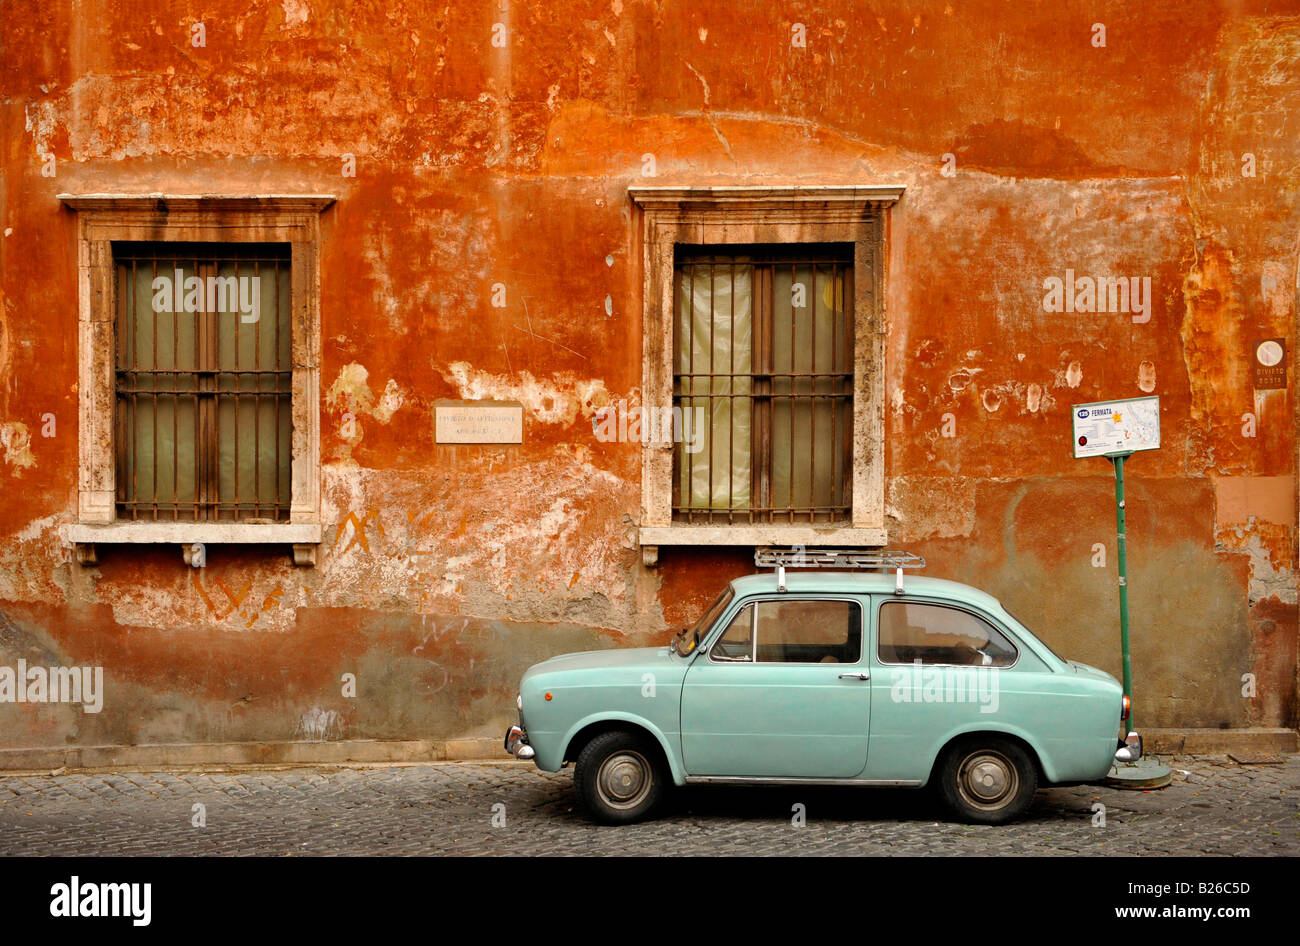 Muro de la casa con un Fiat 850 en la parte delantera, en Trastevere, Roma, Italia Foto de stock